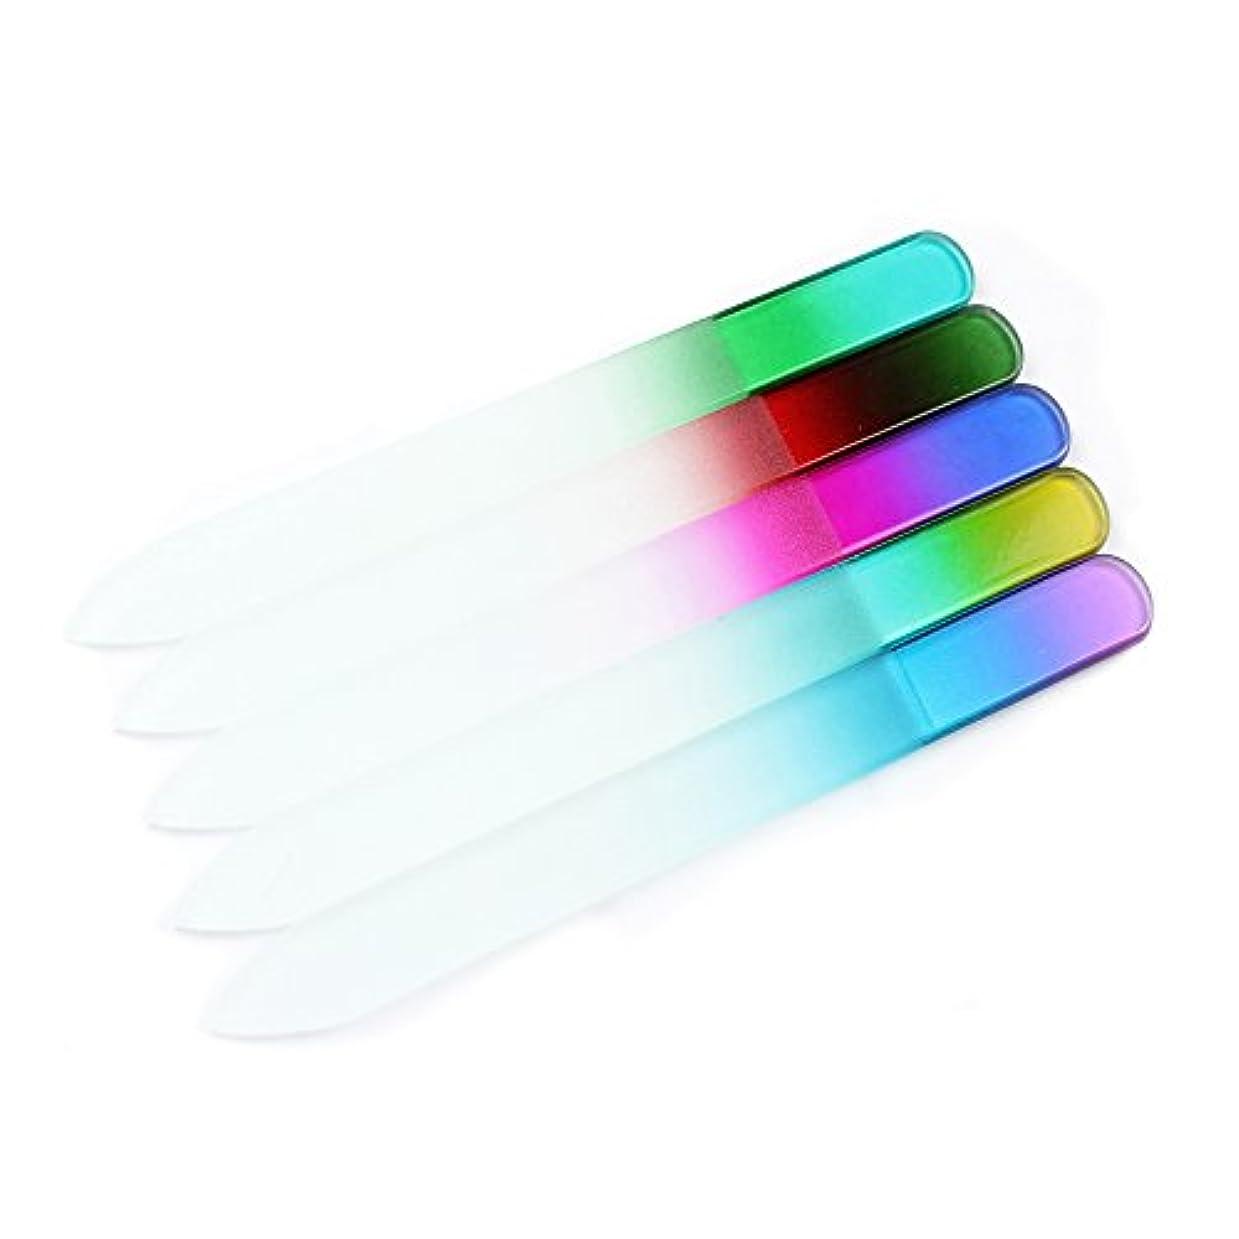 ベリ青追い付くFingerAngel 爪やすり ガラス製 5個セット 削りやすいネイルヤスリ 両面タイプ ネイルケア